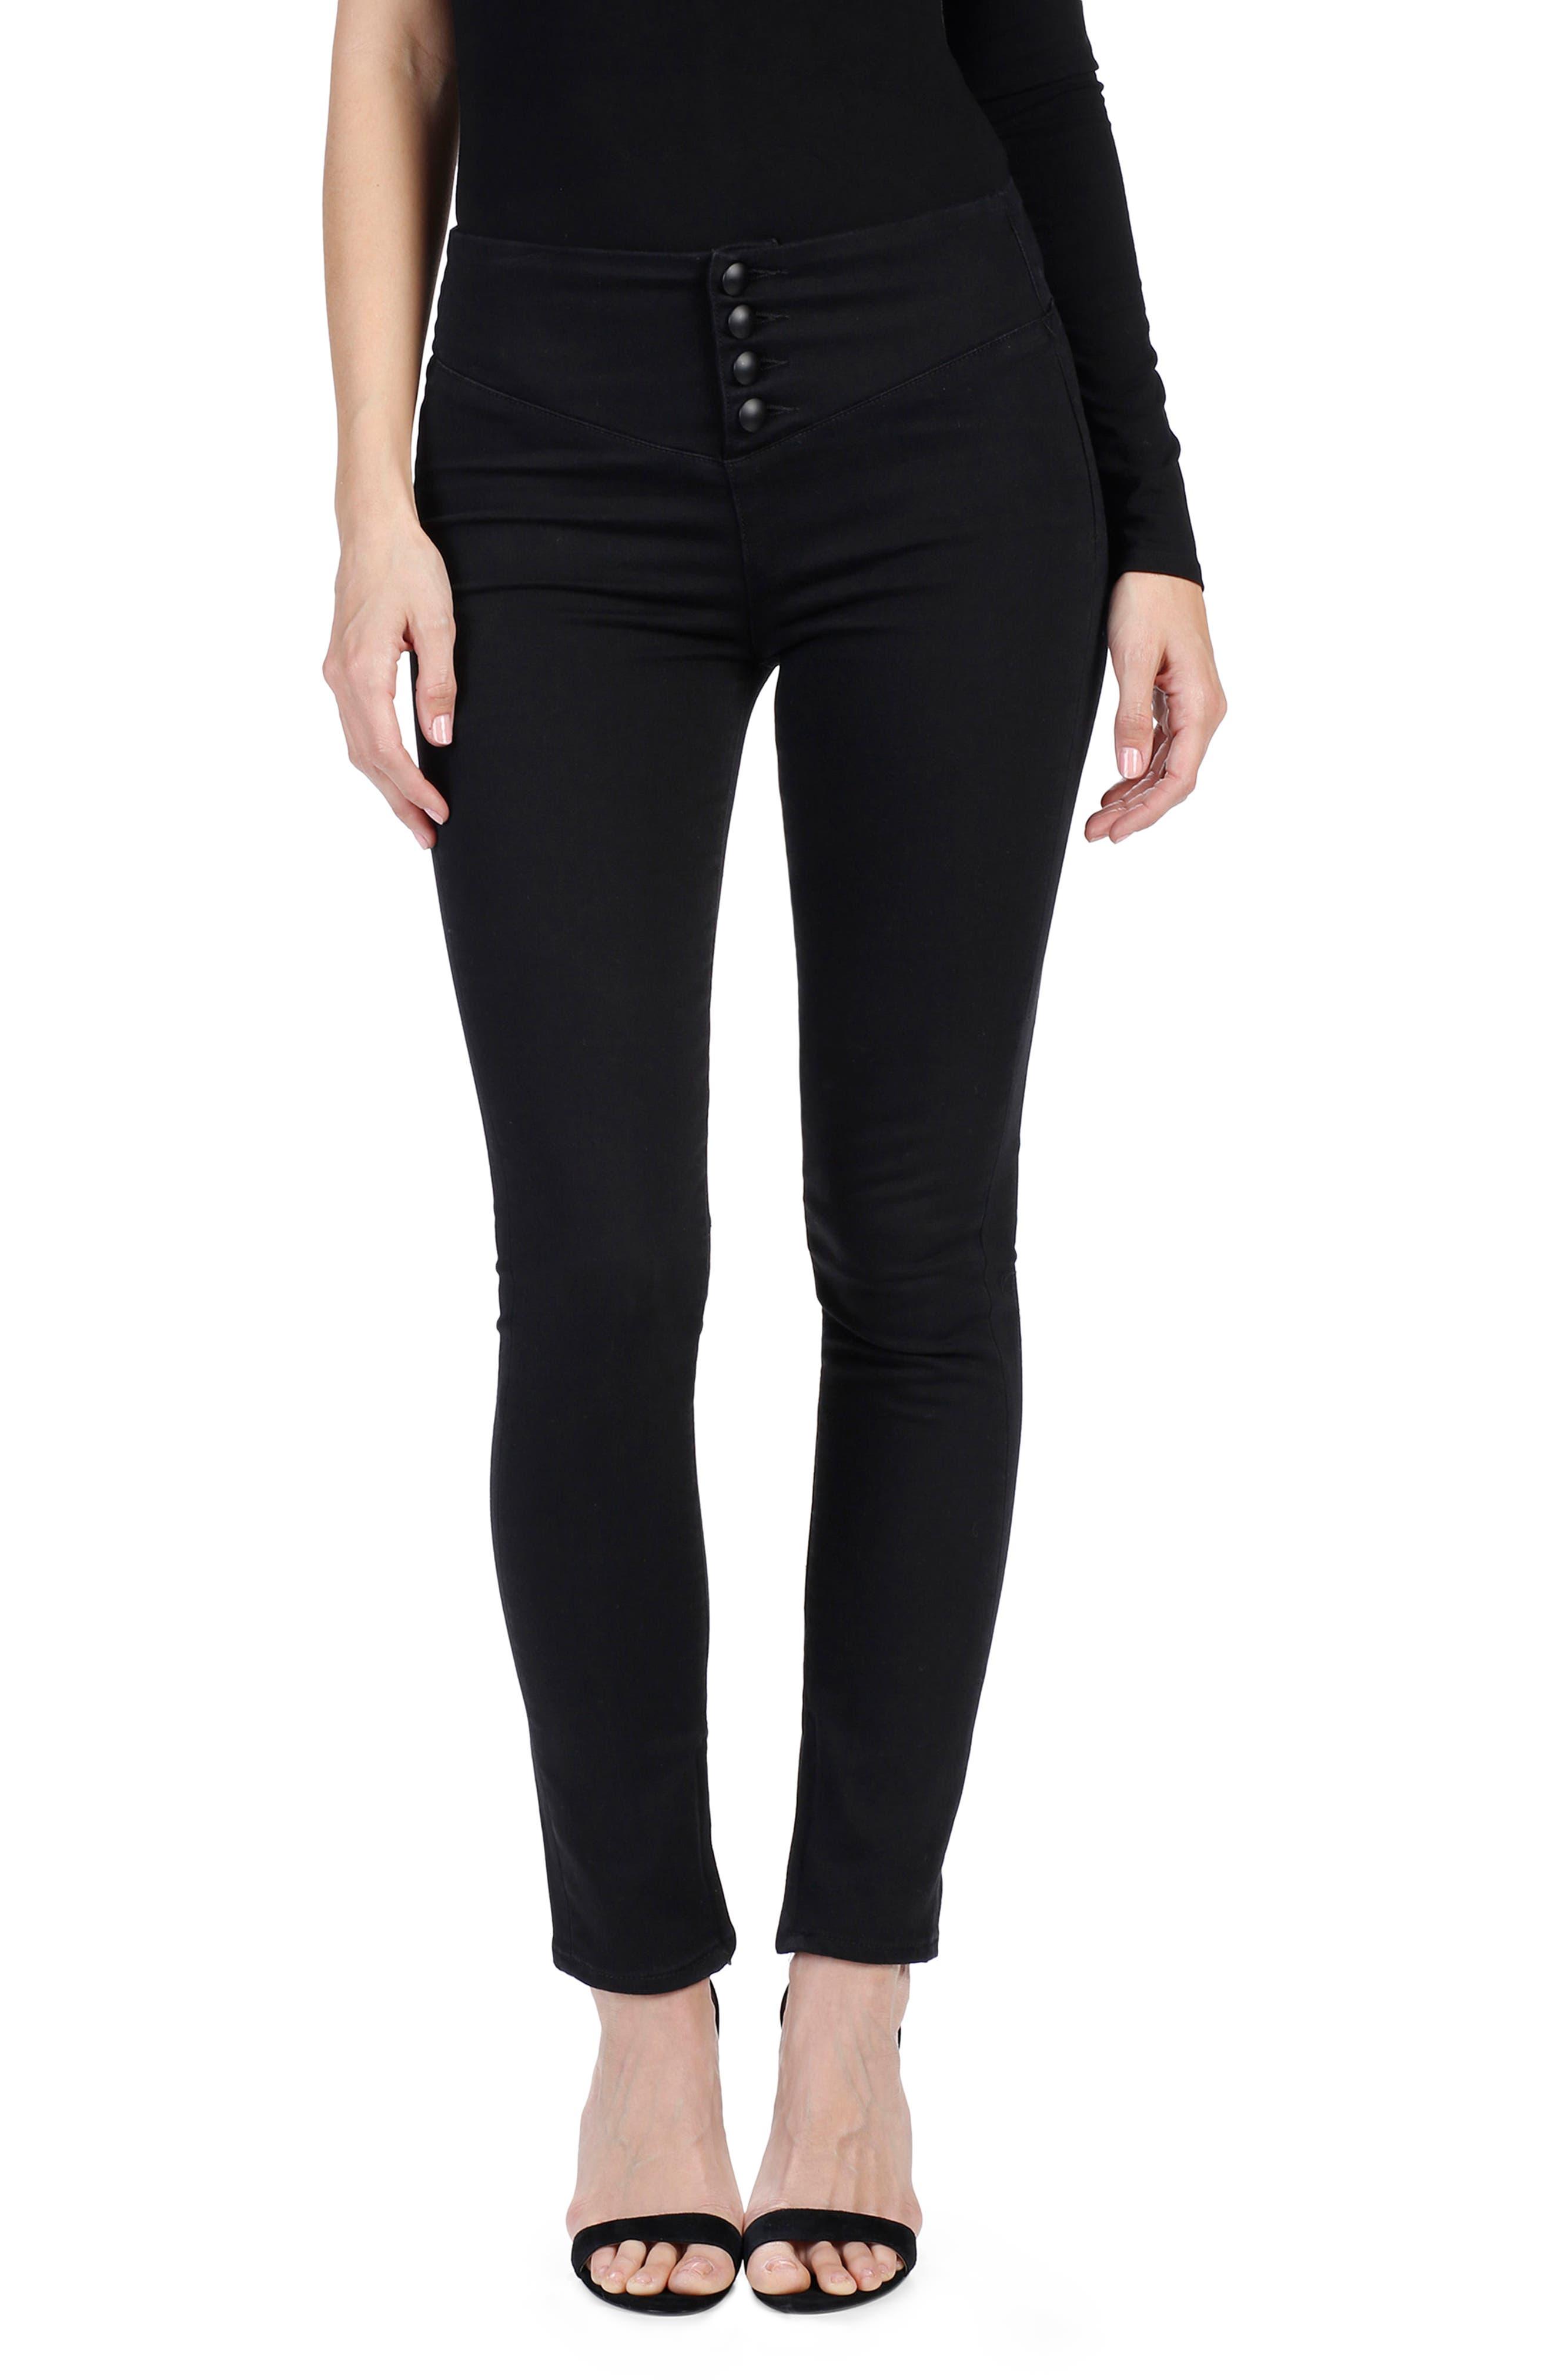 Rosie HW x PAIGE Ellery Skinny Jeans,                         Main,                         color, Onyx